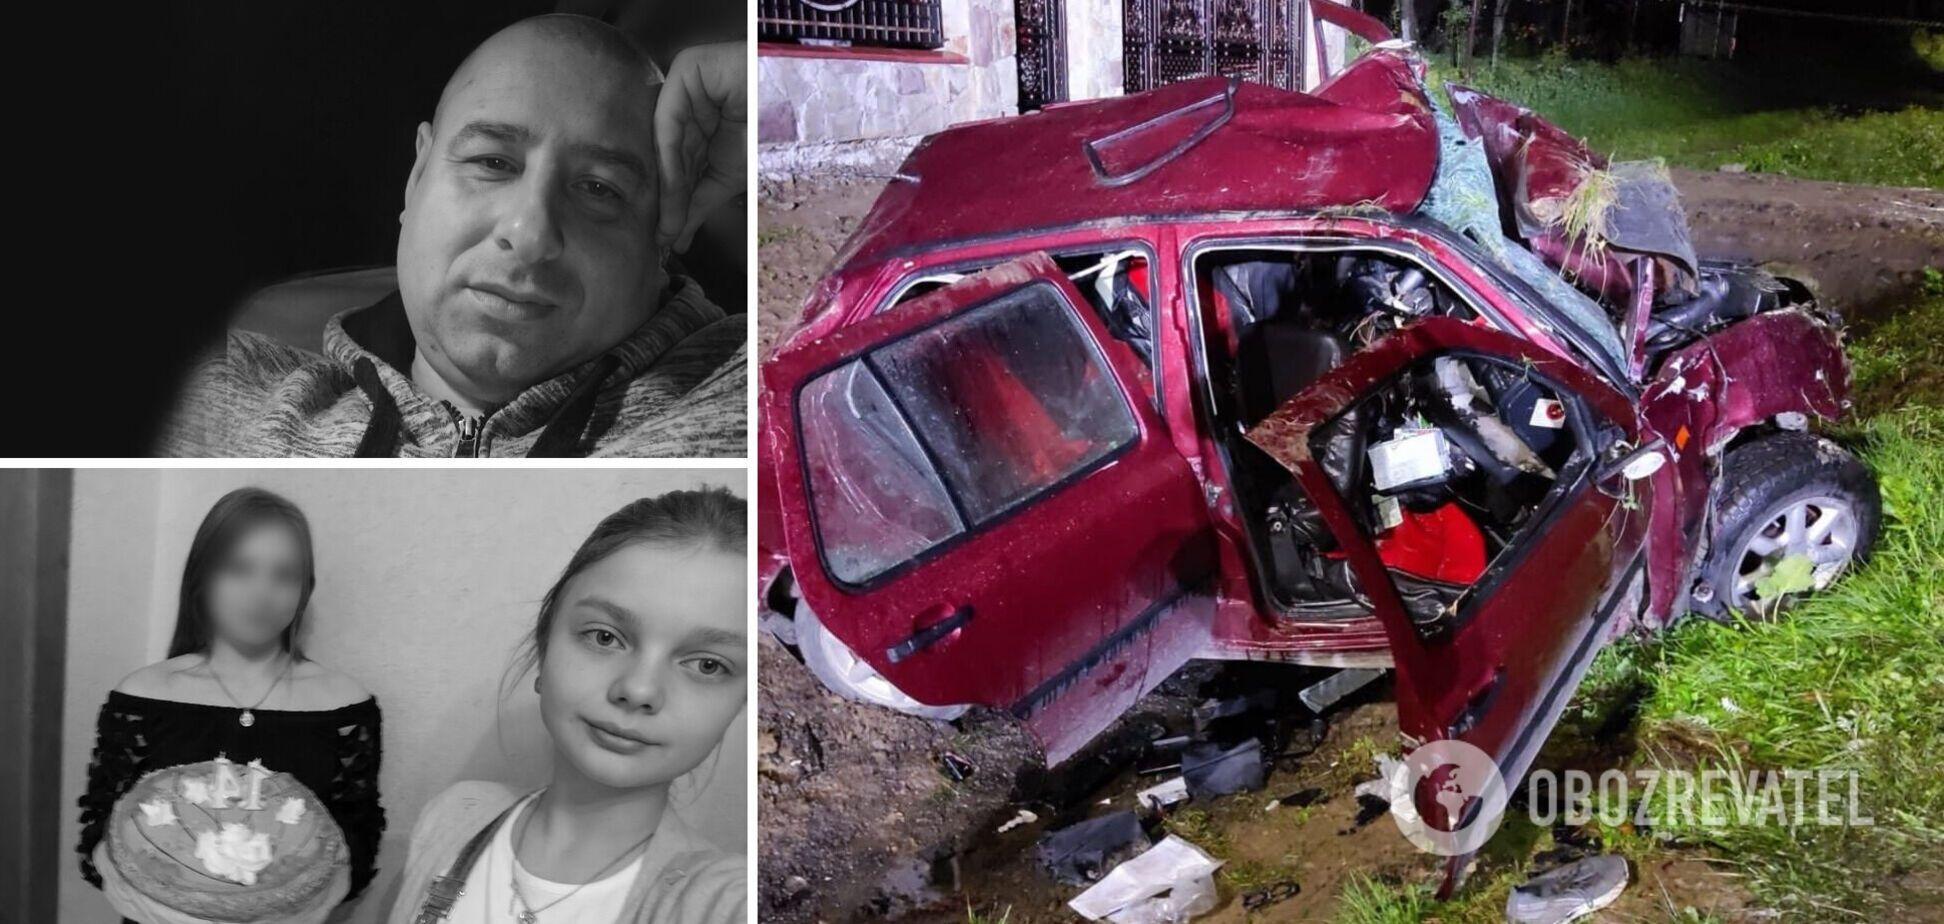 19-летний водитель без прав и пьяный: стали известны подробности ДТП с тремя погибшими на Львовщине